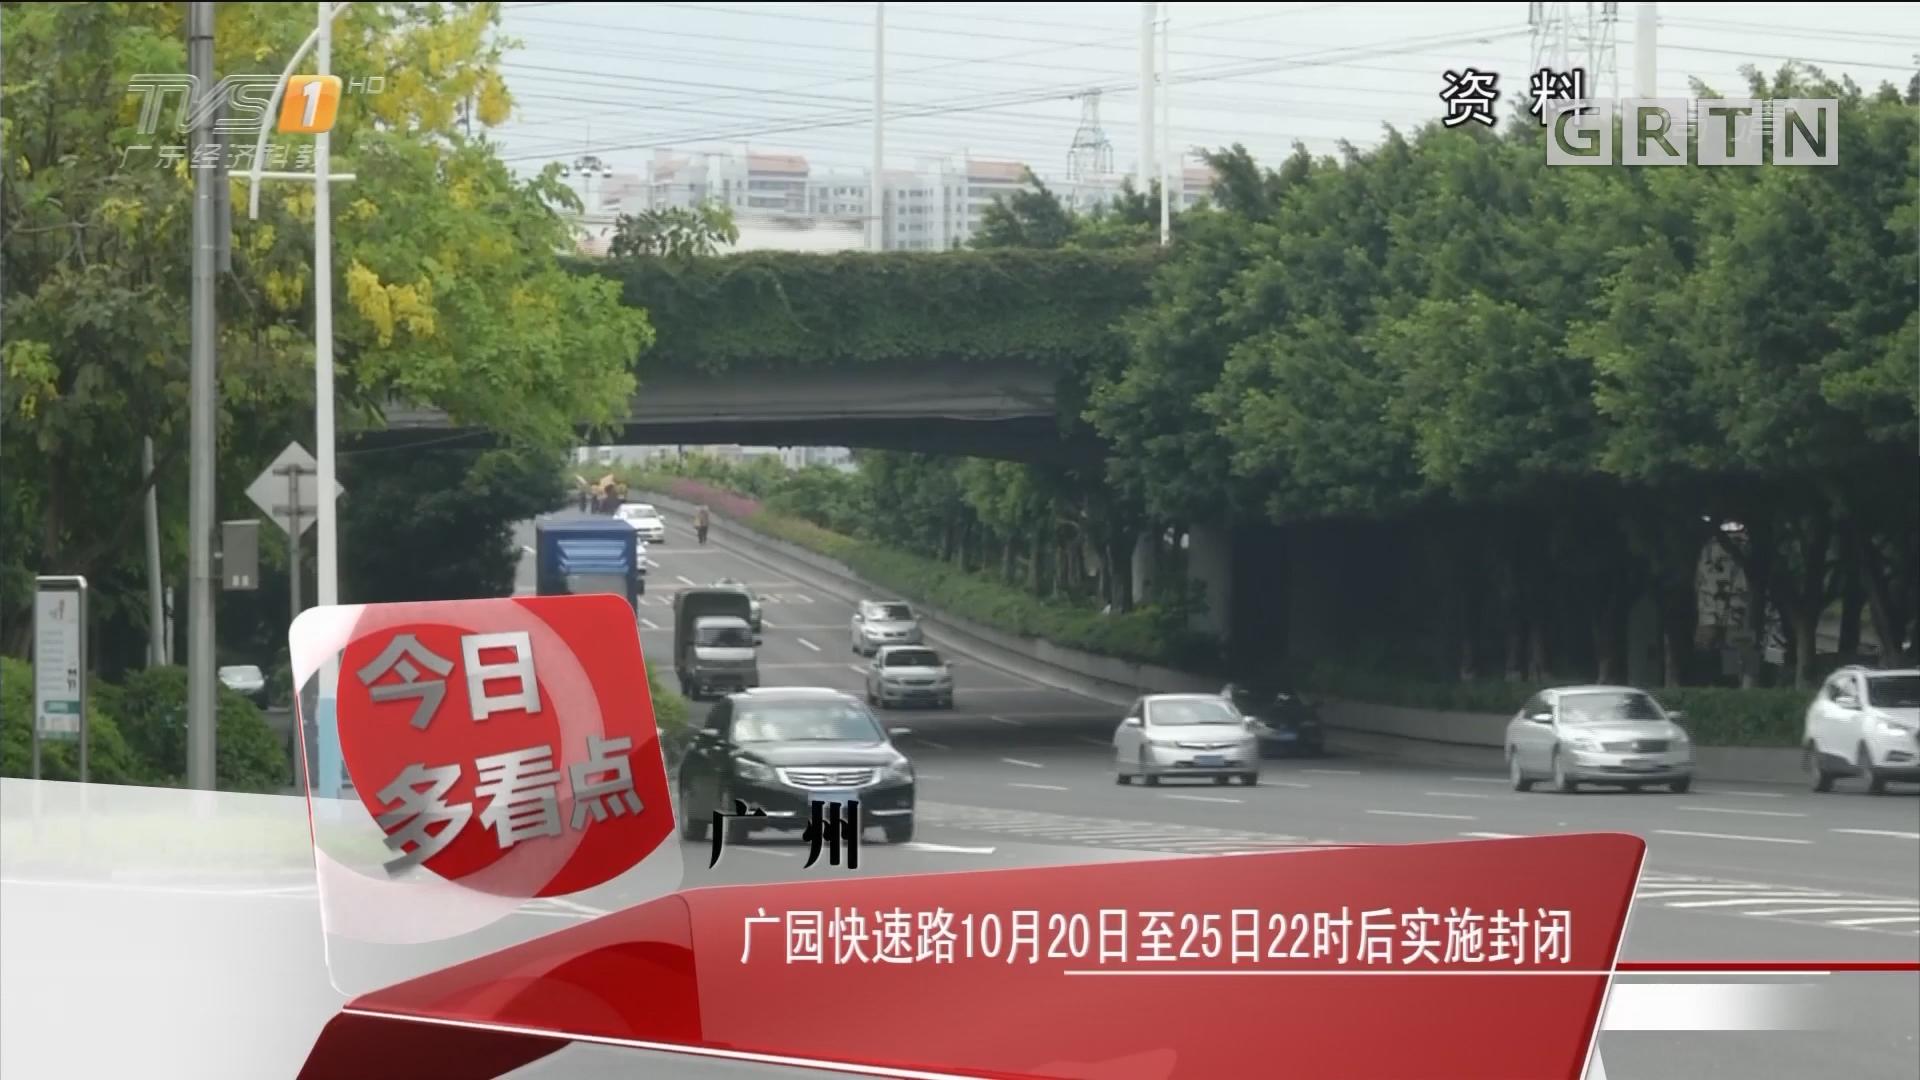 广州:广园快速路10月20日至25日22时后实施封闭